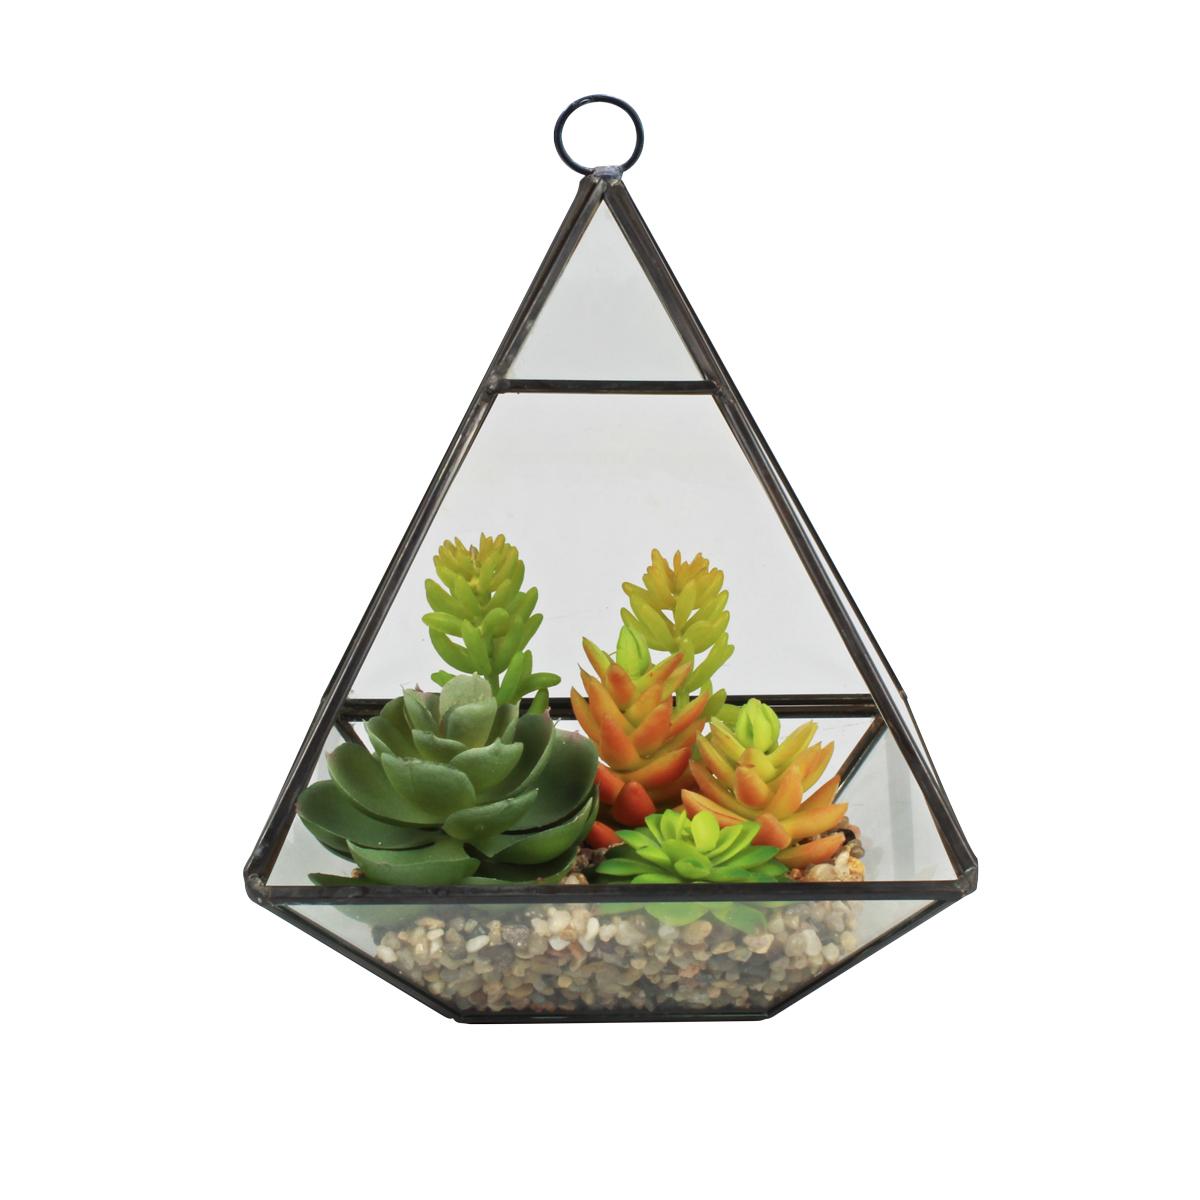 Terrário Decorativo C/ Plantas Artificiais Mod. Pirâmide Preta